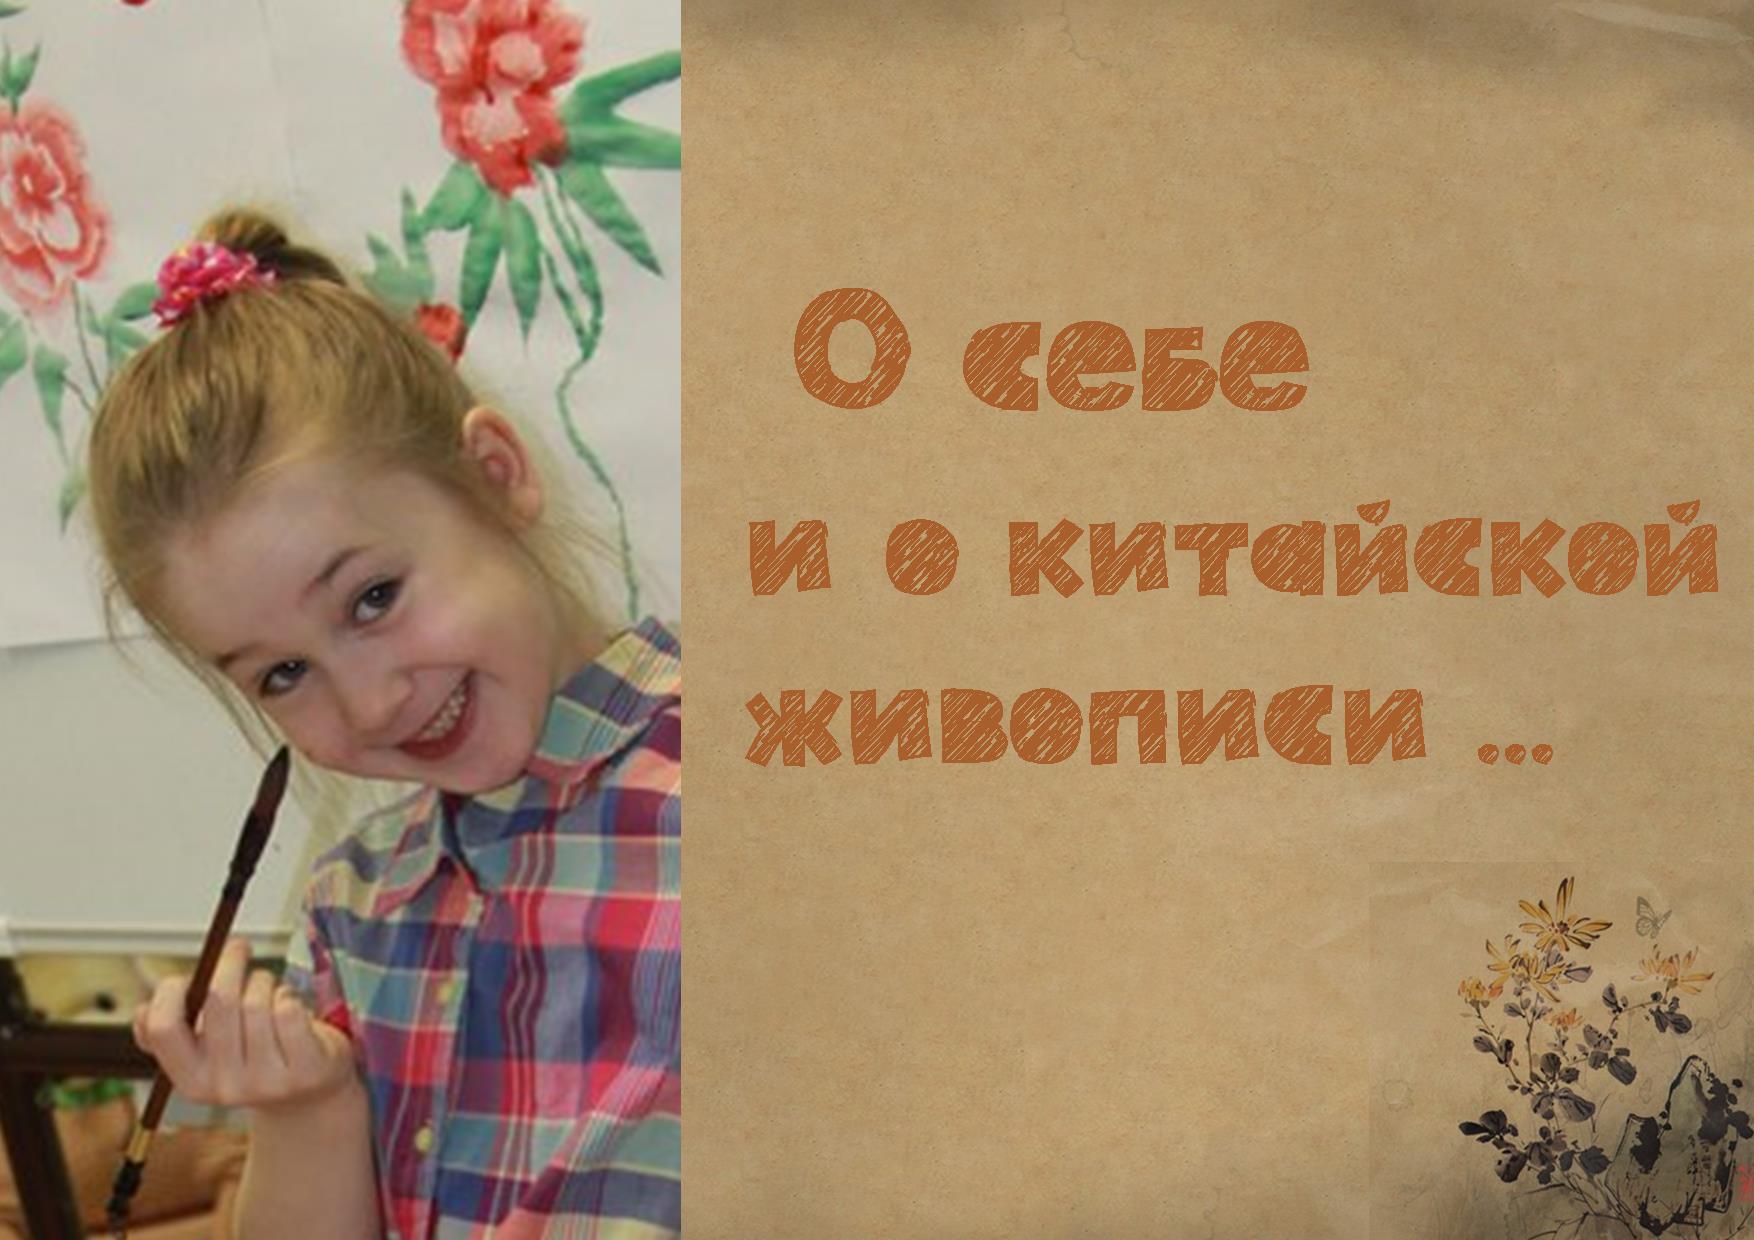 Как девочка из Сыктывкара покоряла Россию китайской культурой